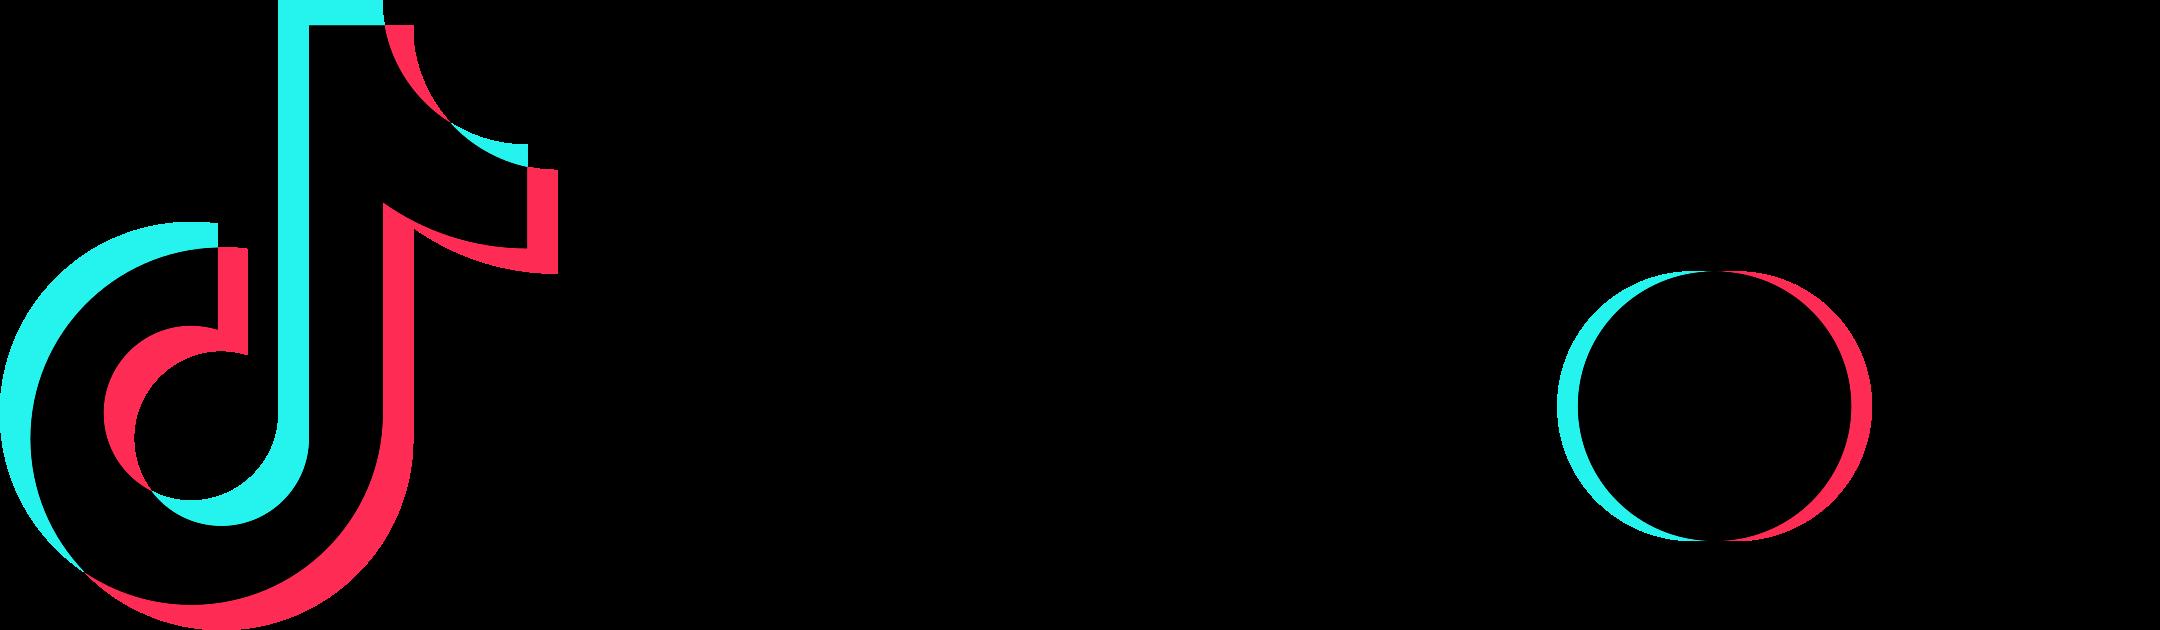 tiktok logo 2 1 - TikTok Logo